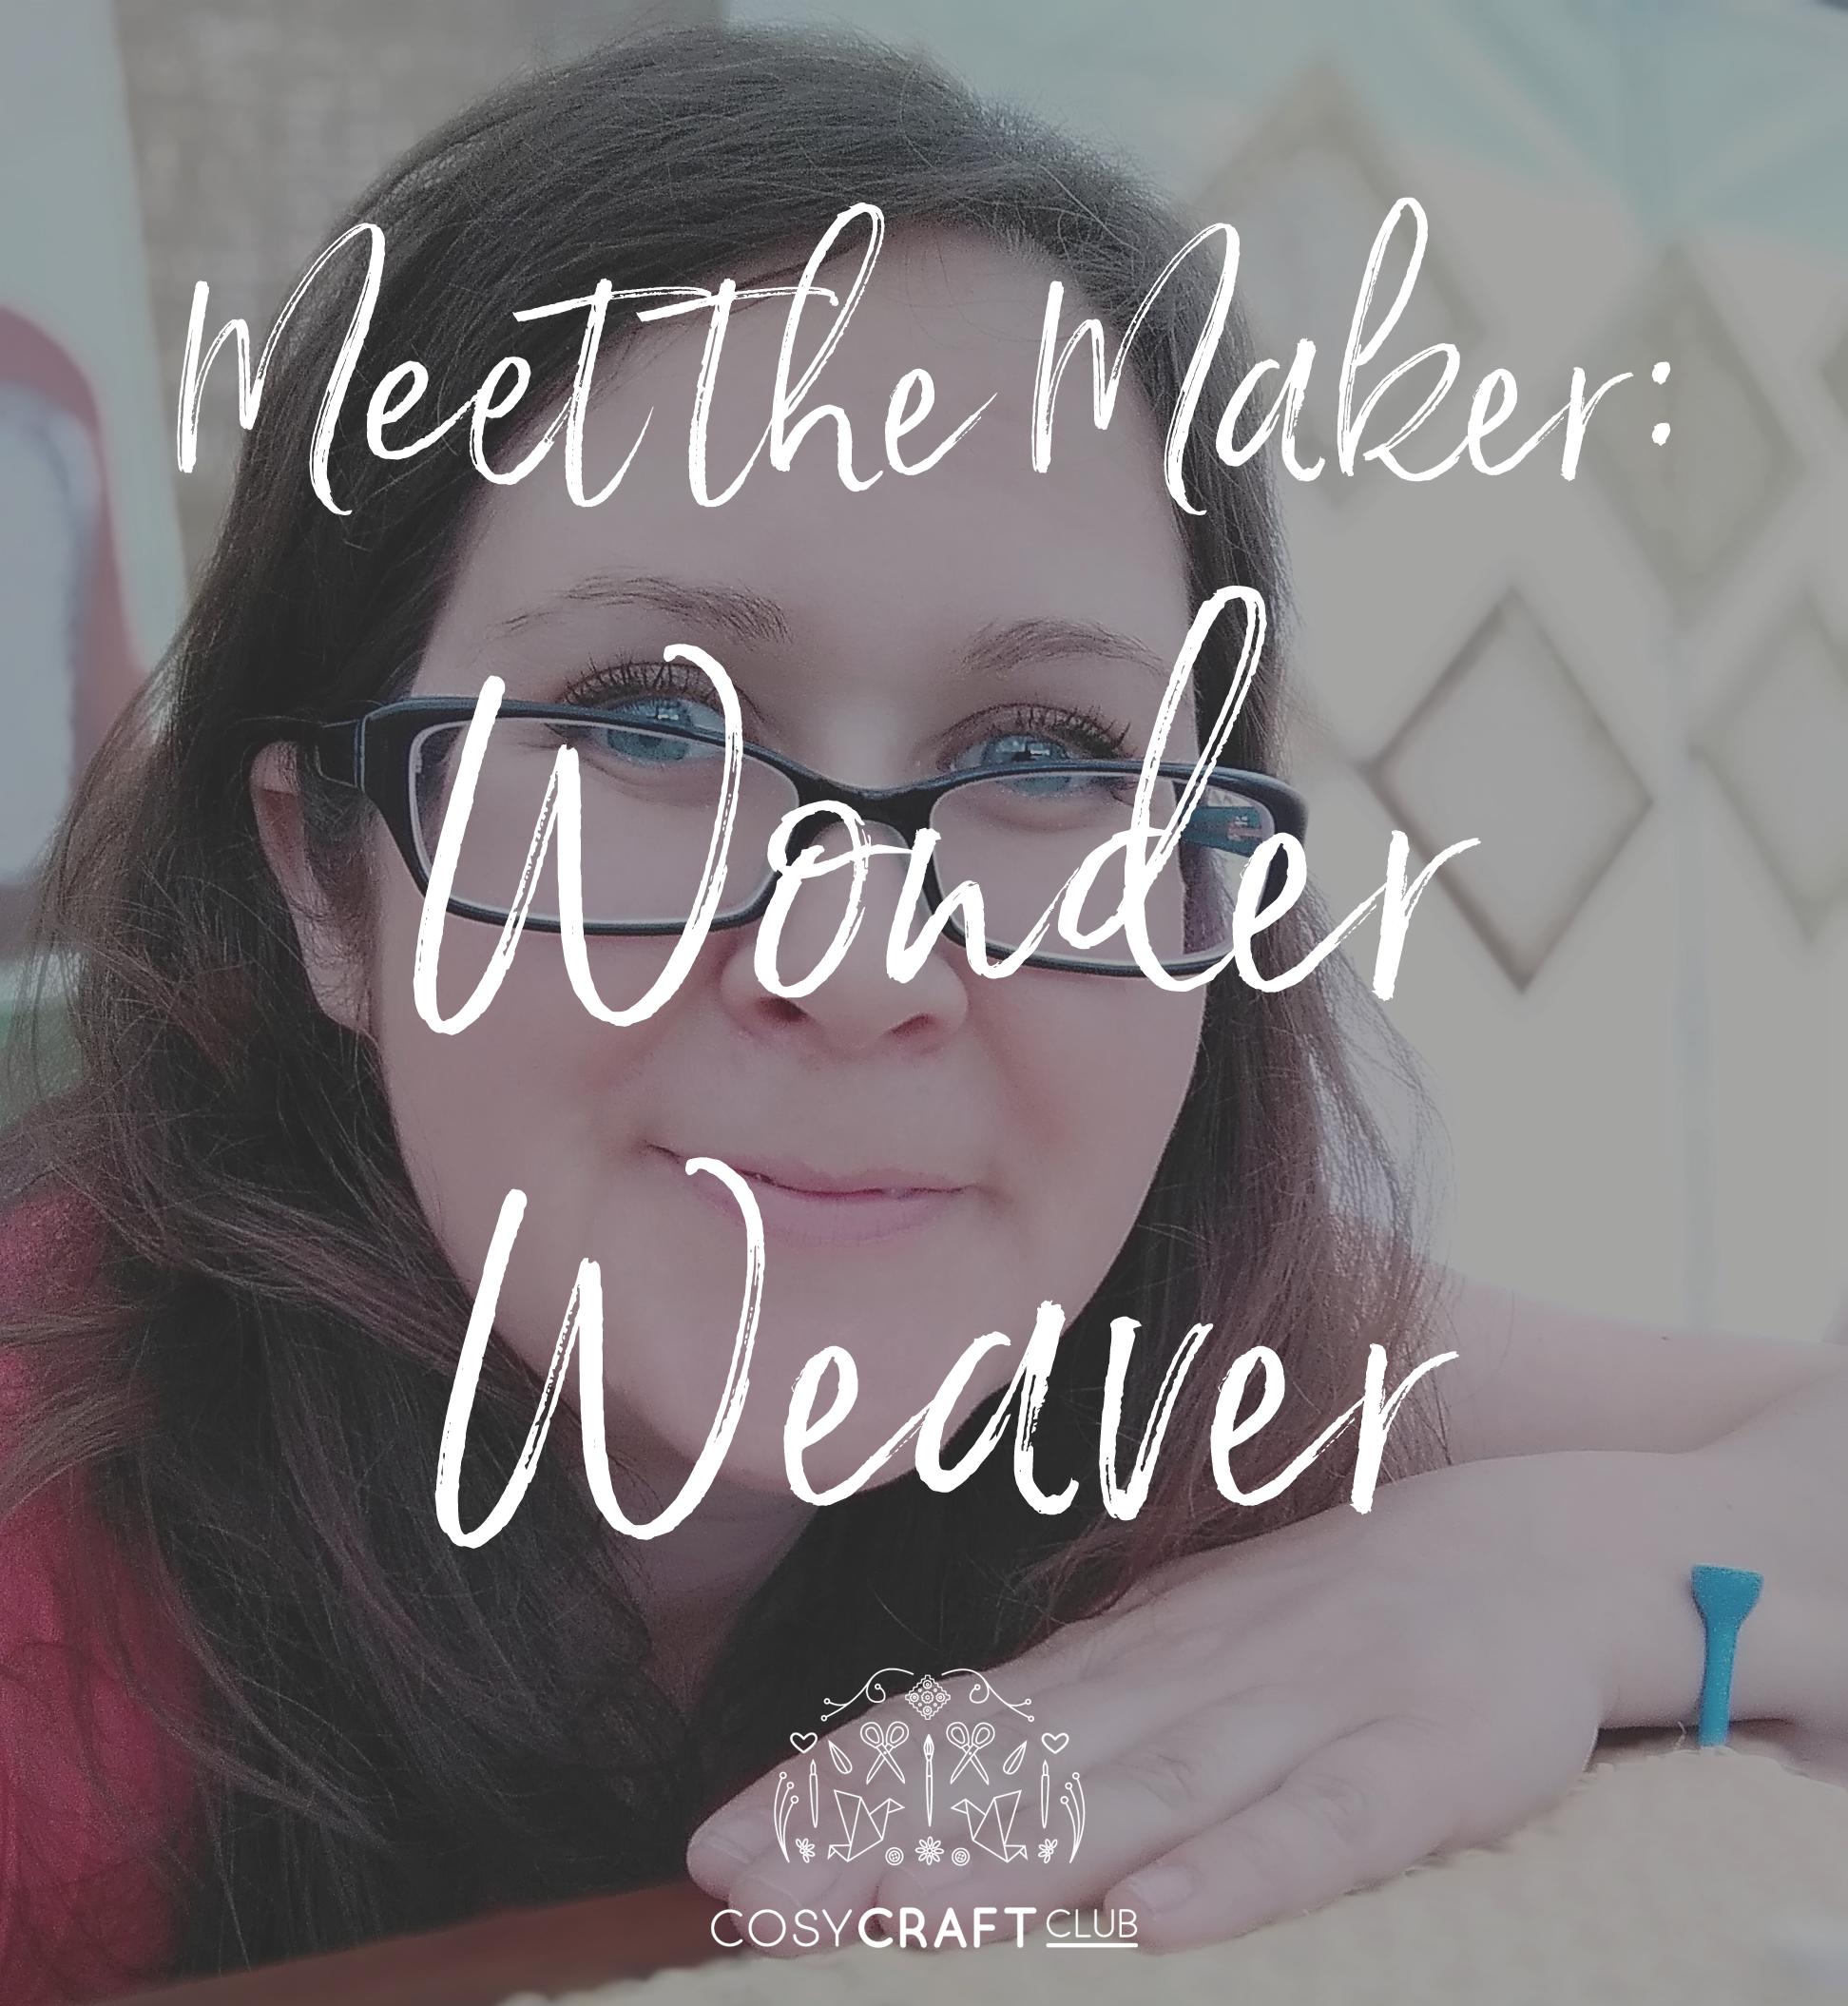 meet-the-maker-wonder-weaver.png